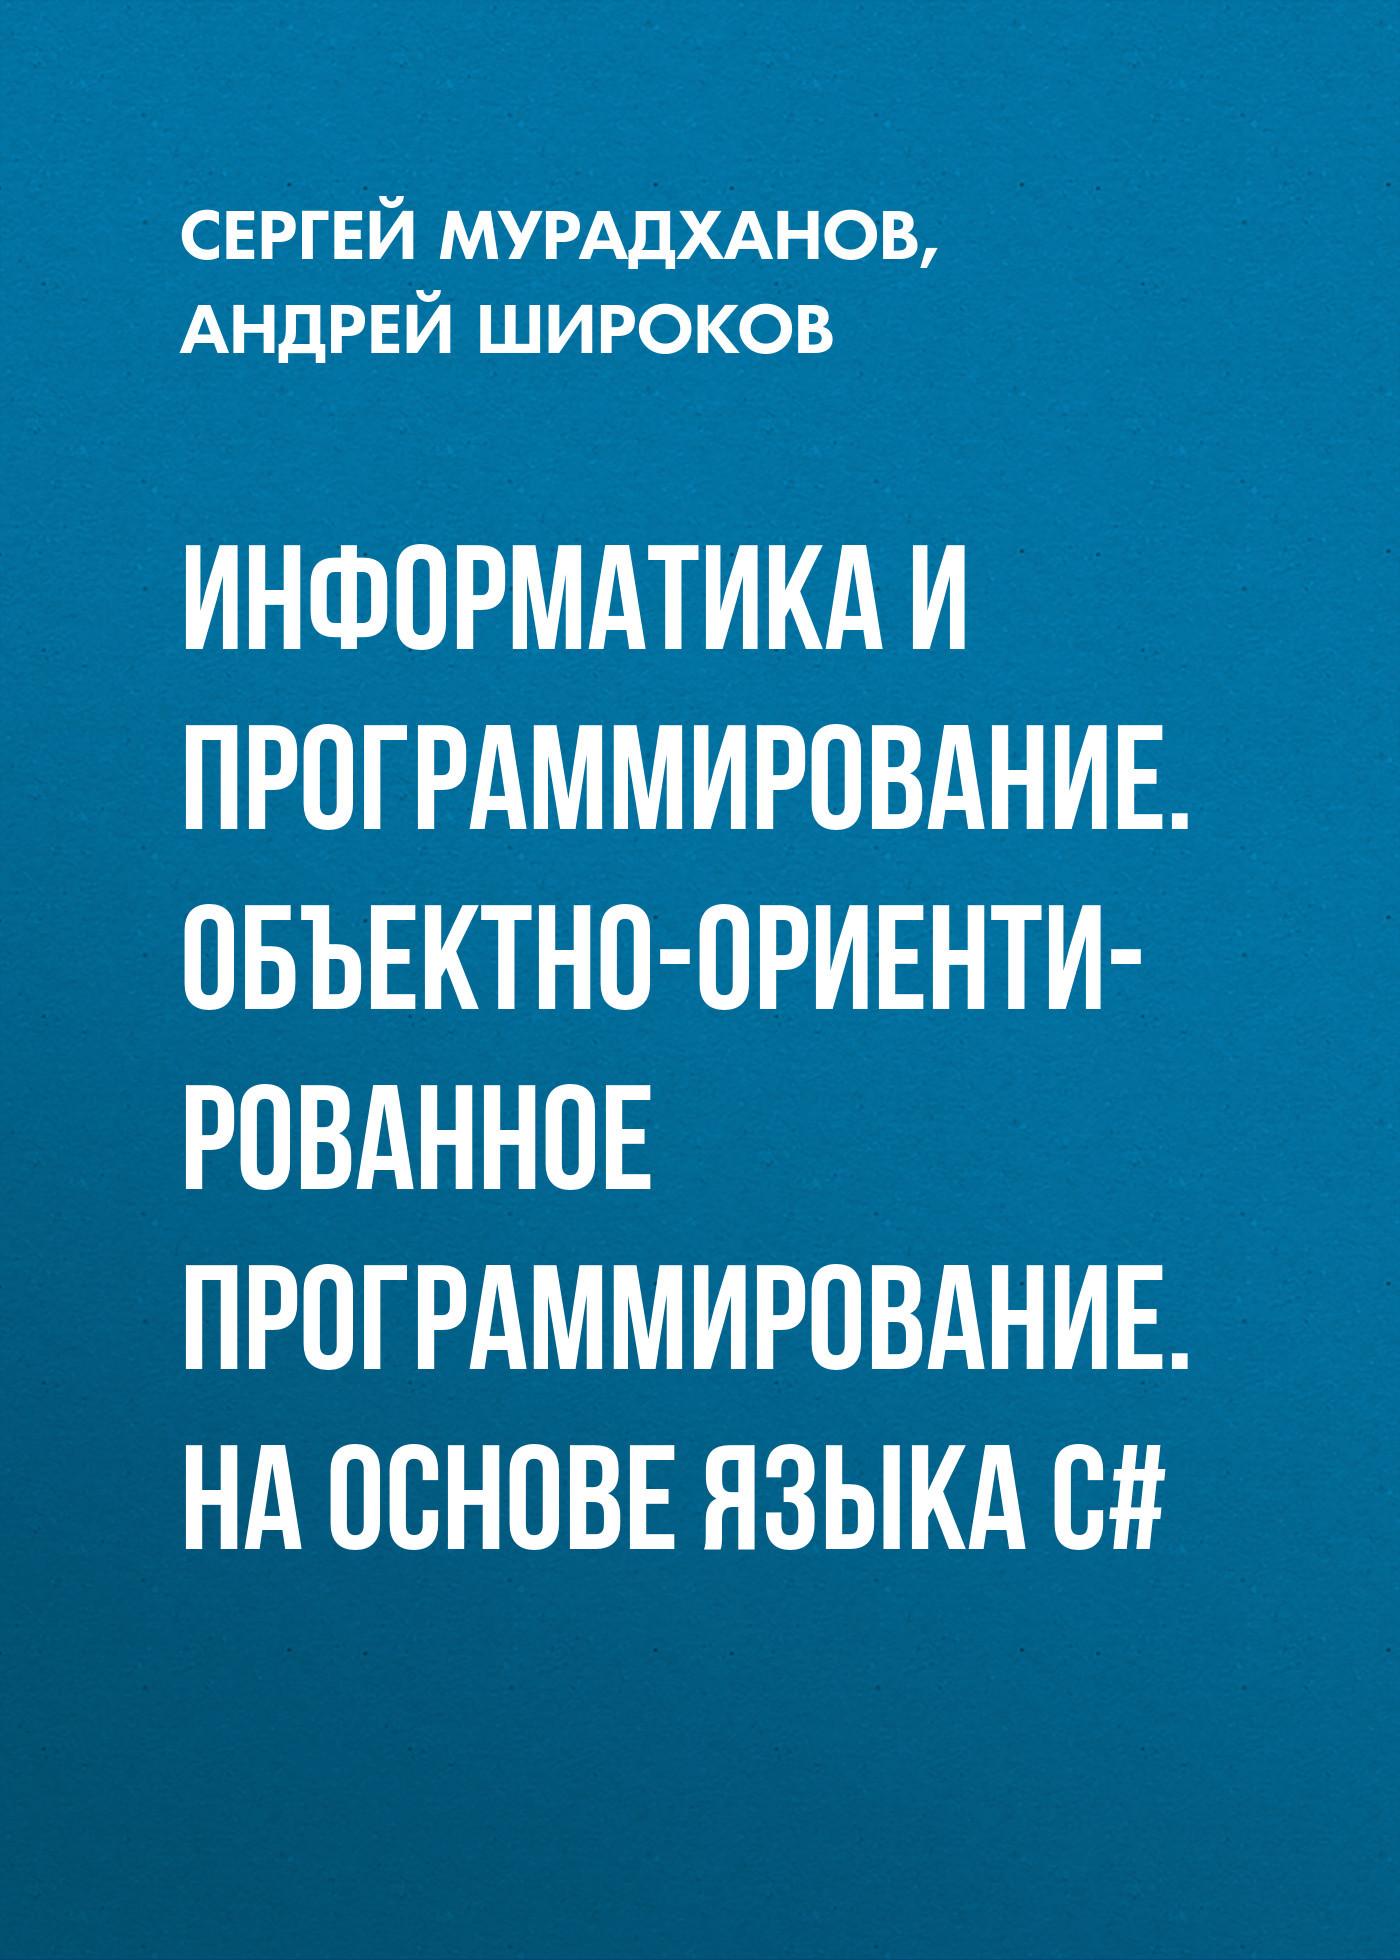 Андрей Широков Информатика и программирование. Объектно-ориентированное программирование. На основе языка С# питер объектно ориентированное программирование в с классика computer science